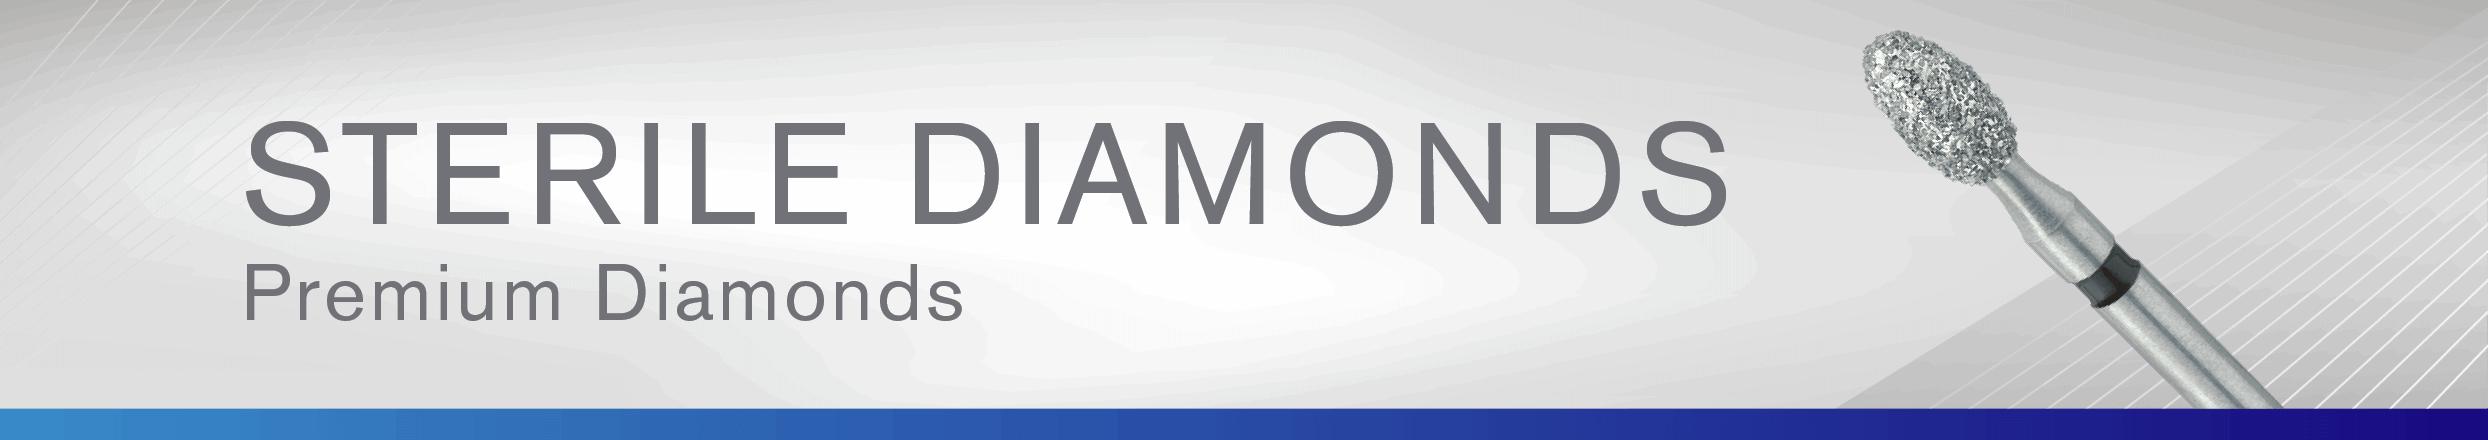 Sterile, Premium Diamonds